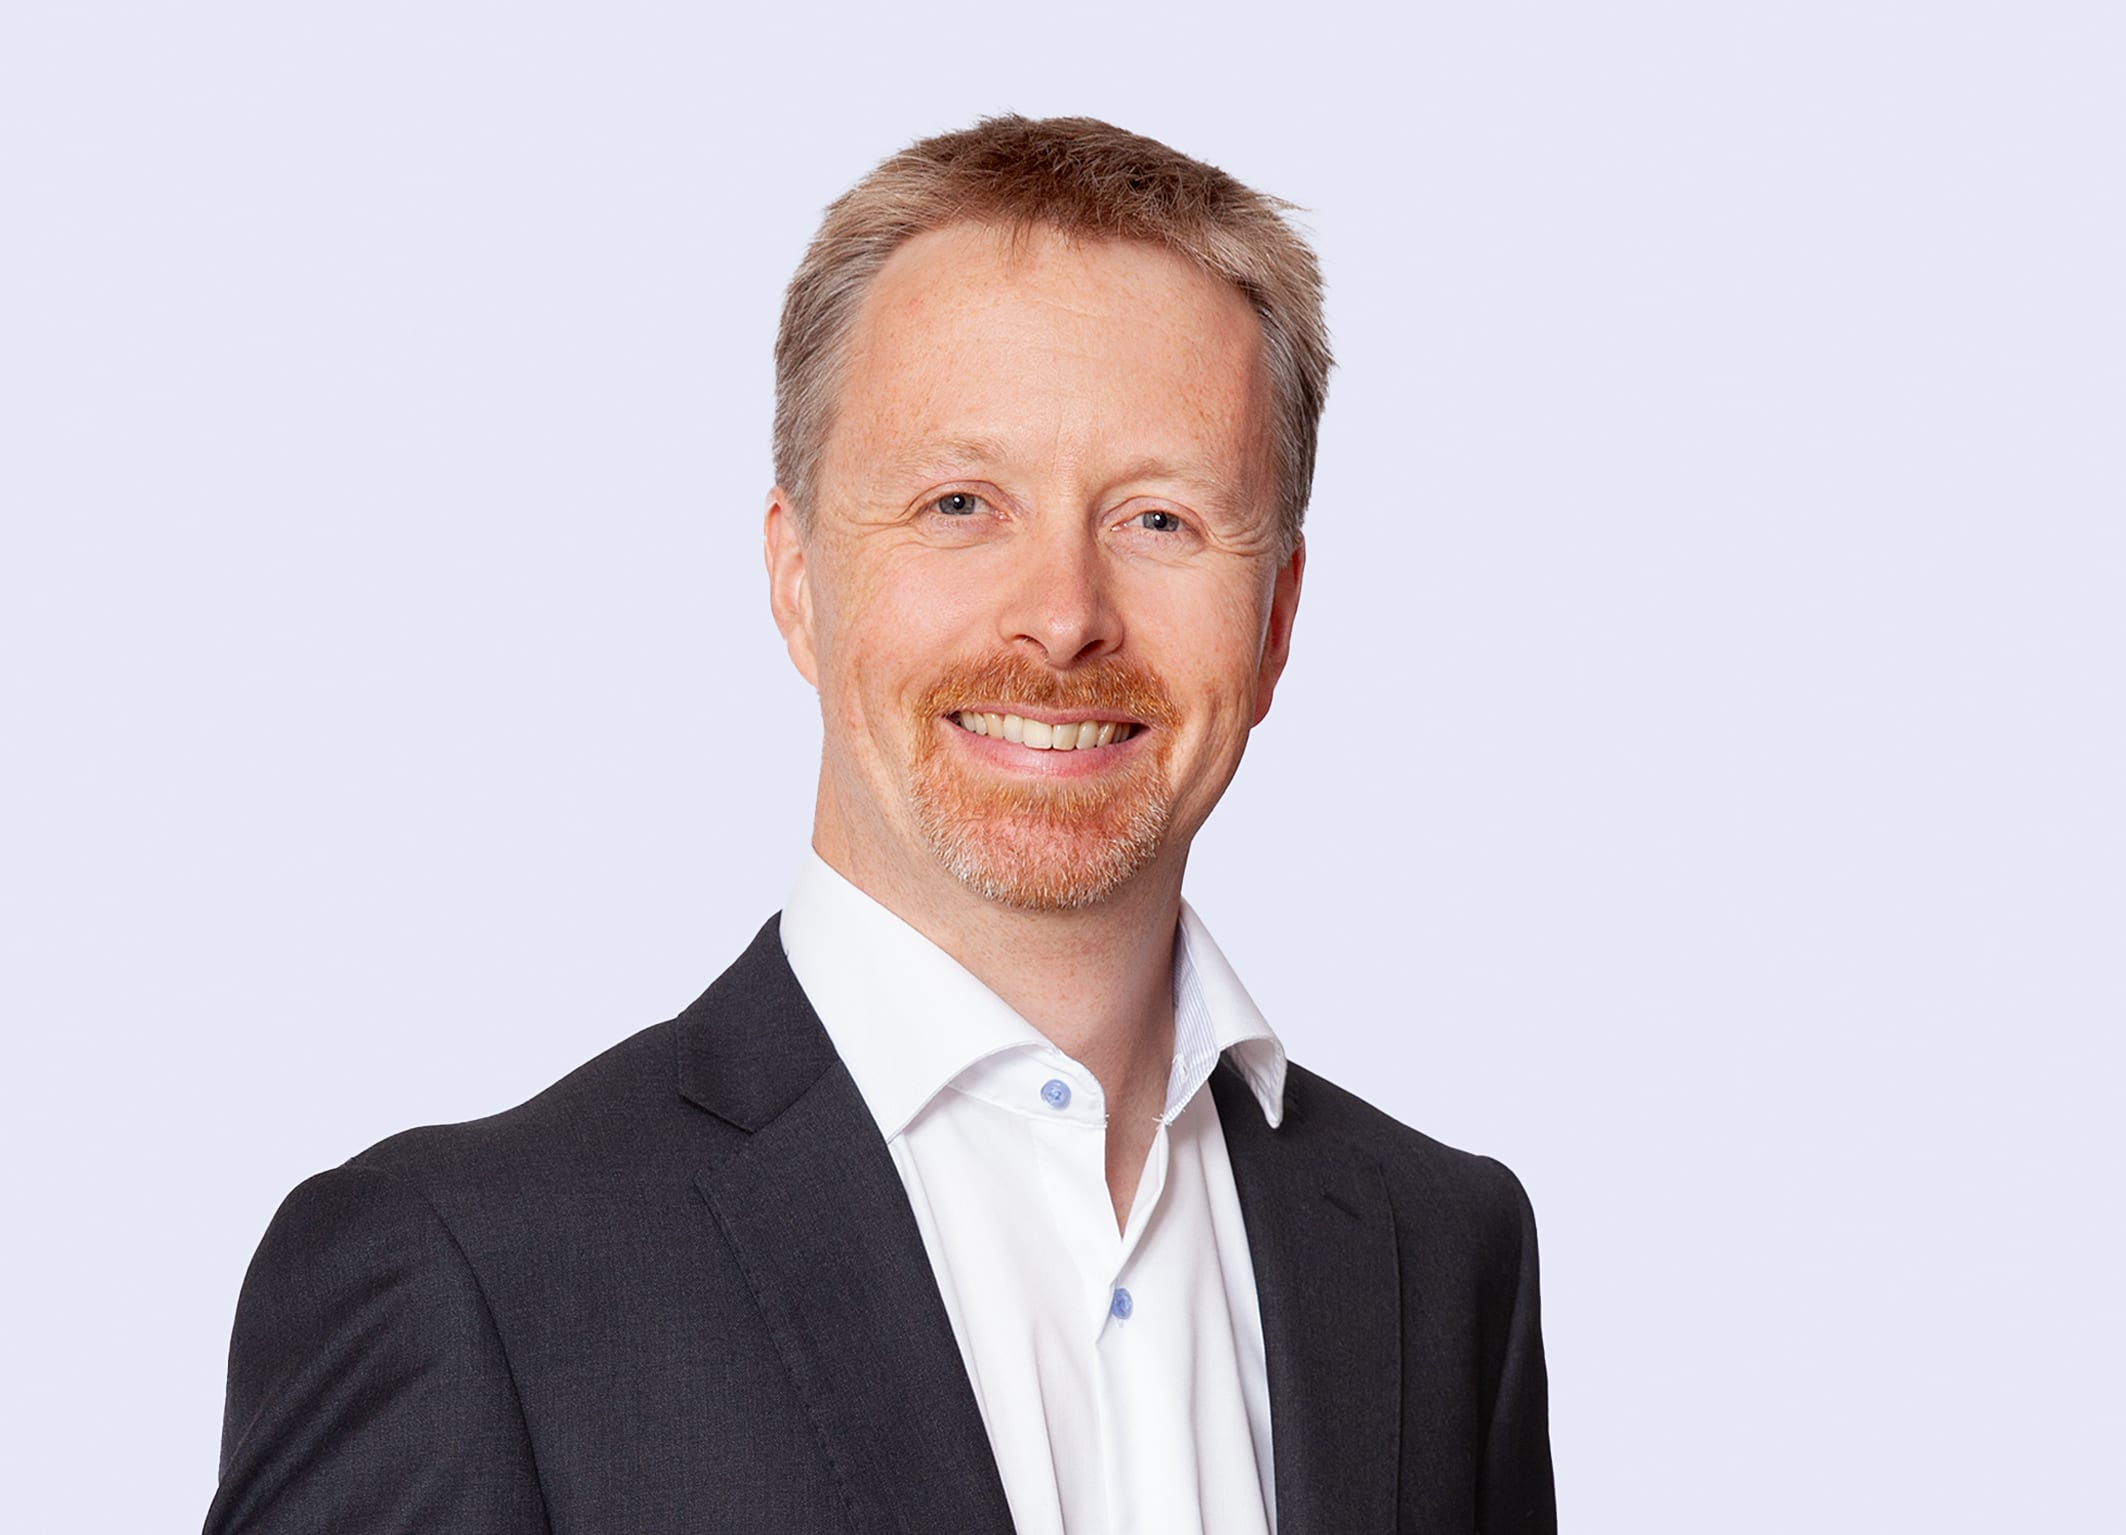 Håkon A. Løe